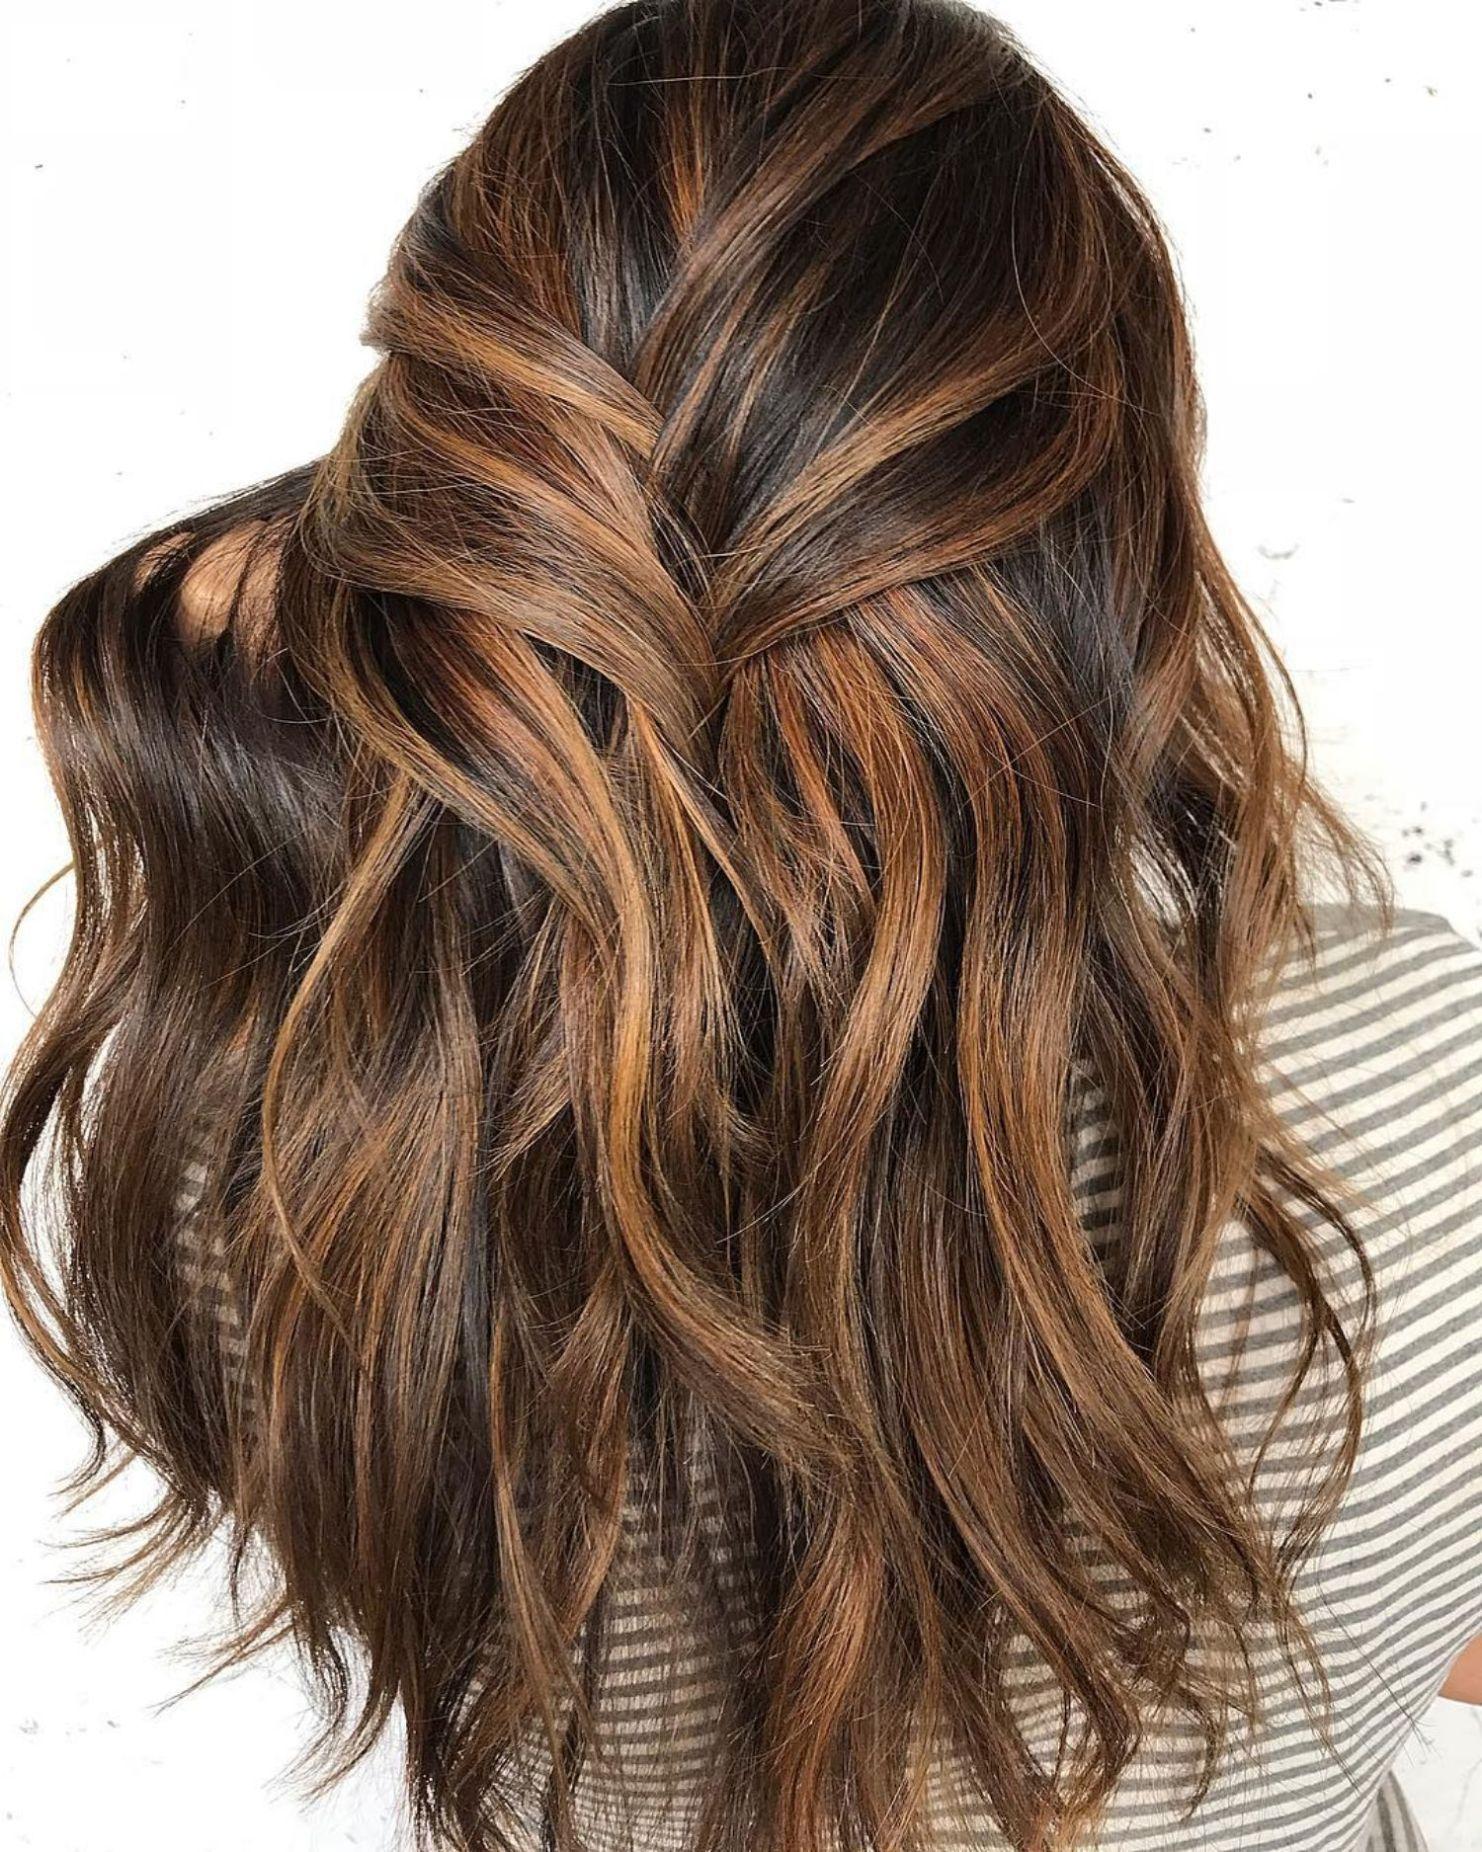 100 caramel highlights ideas for all hair colors - HD1482×1852